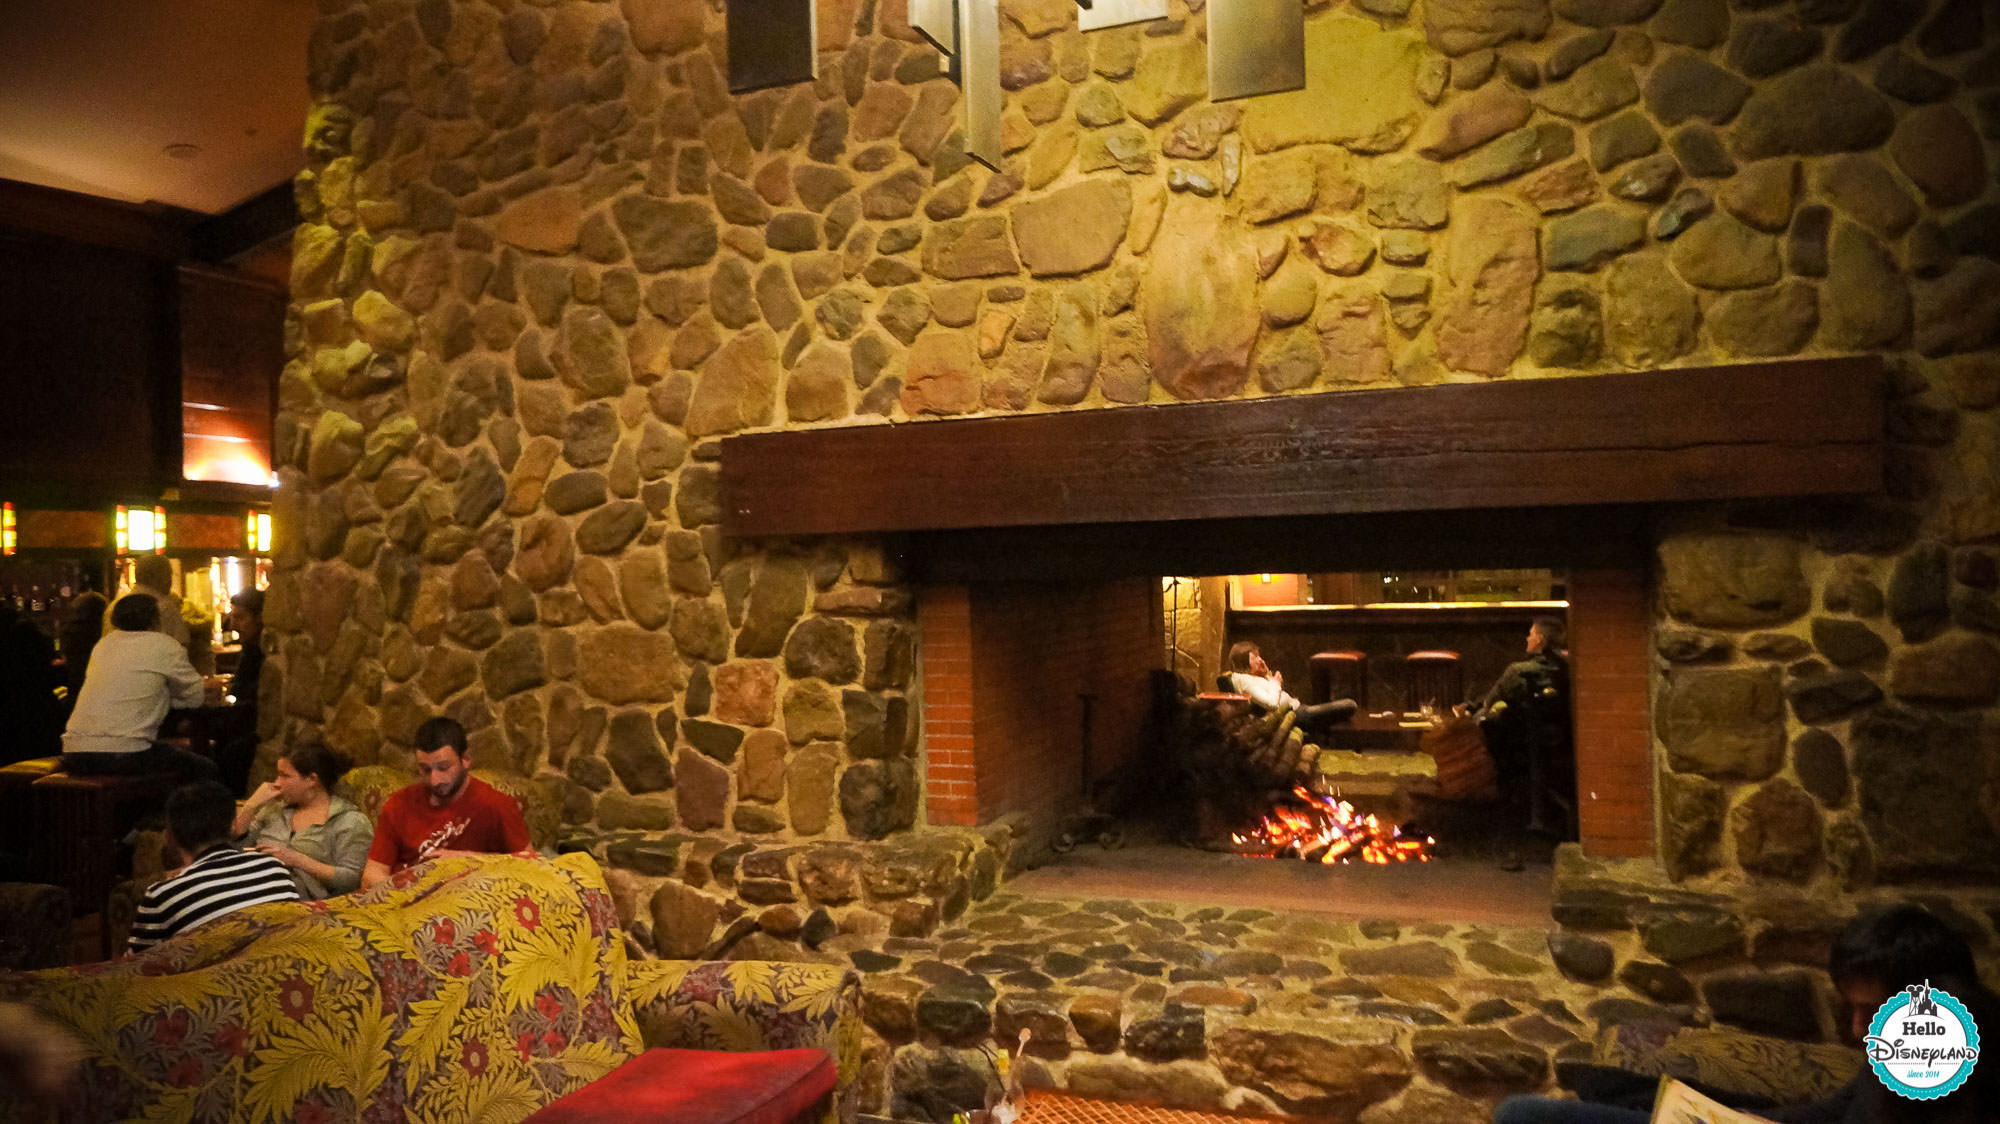 disneys sequoia lodge